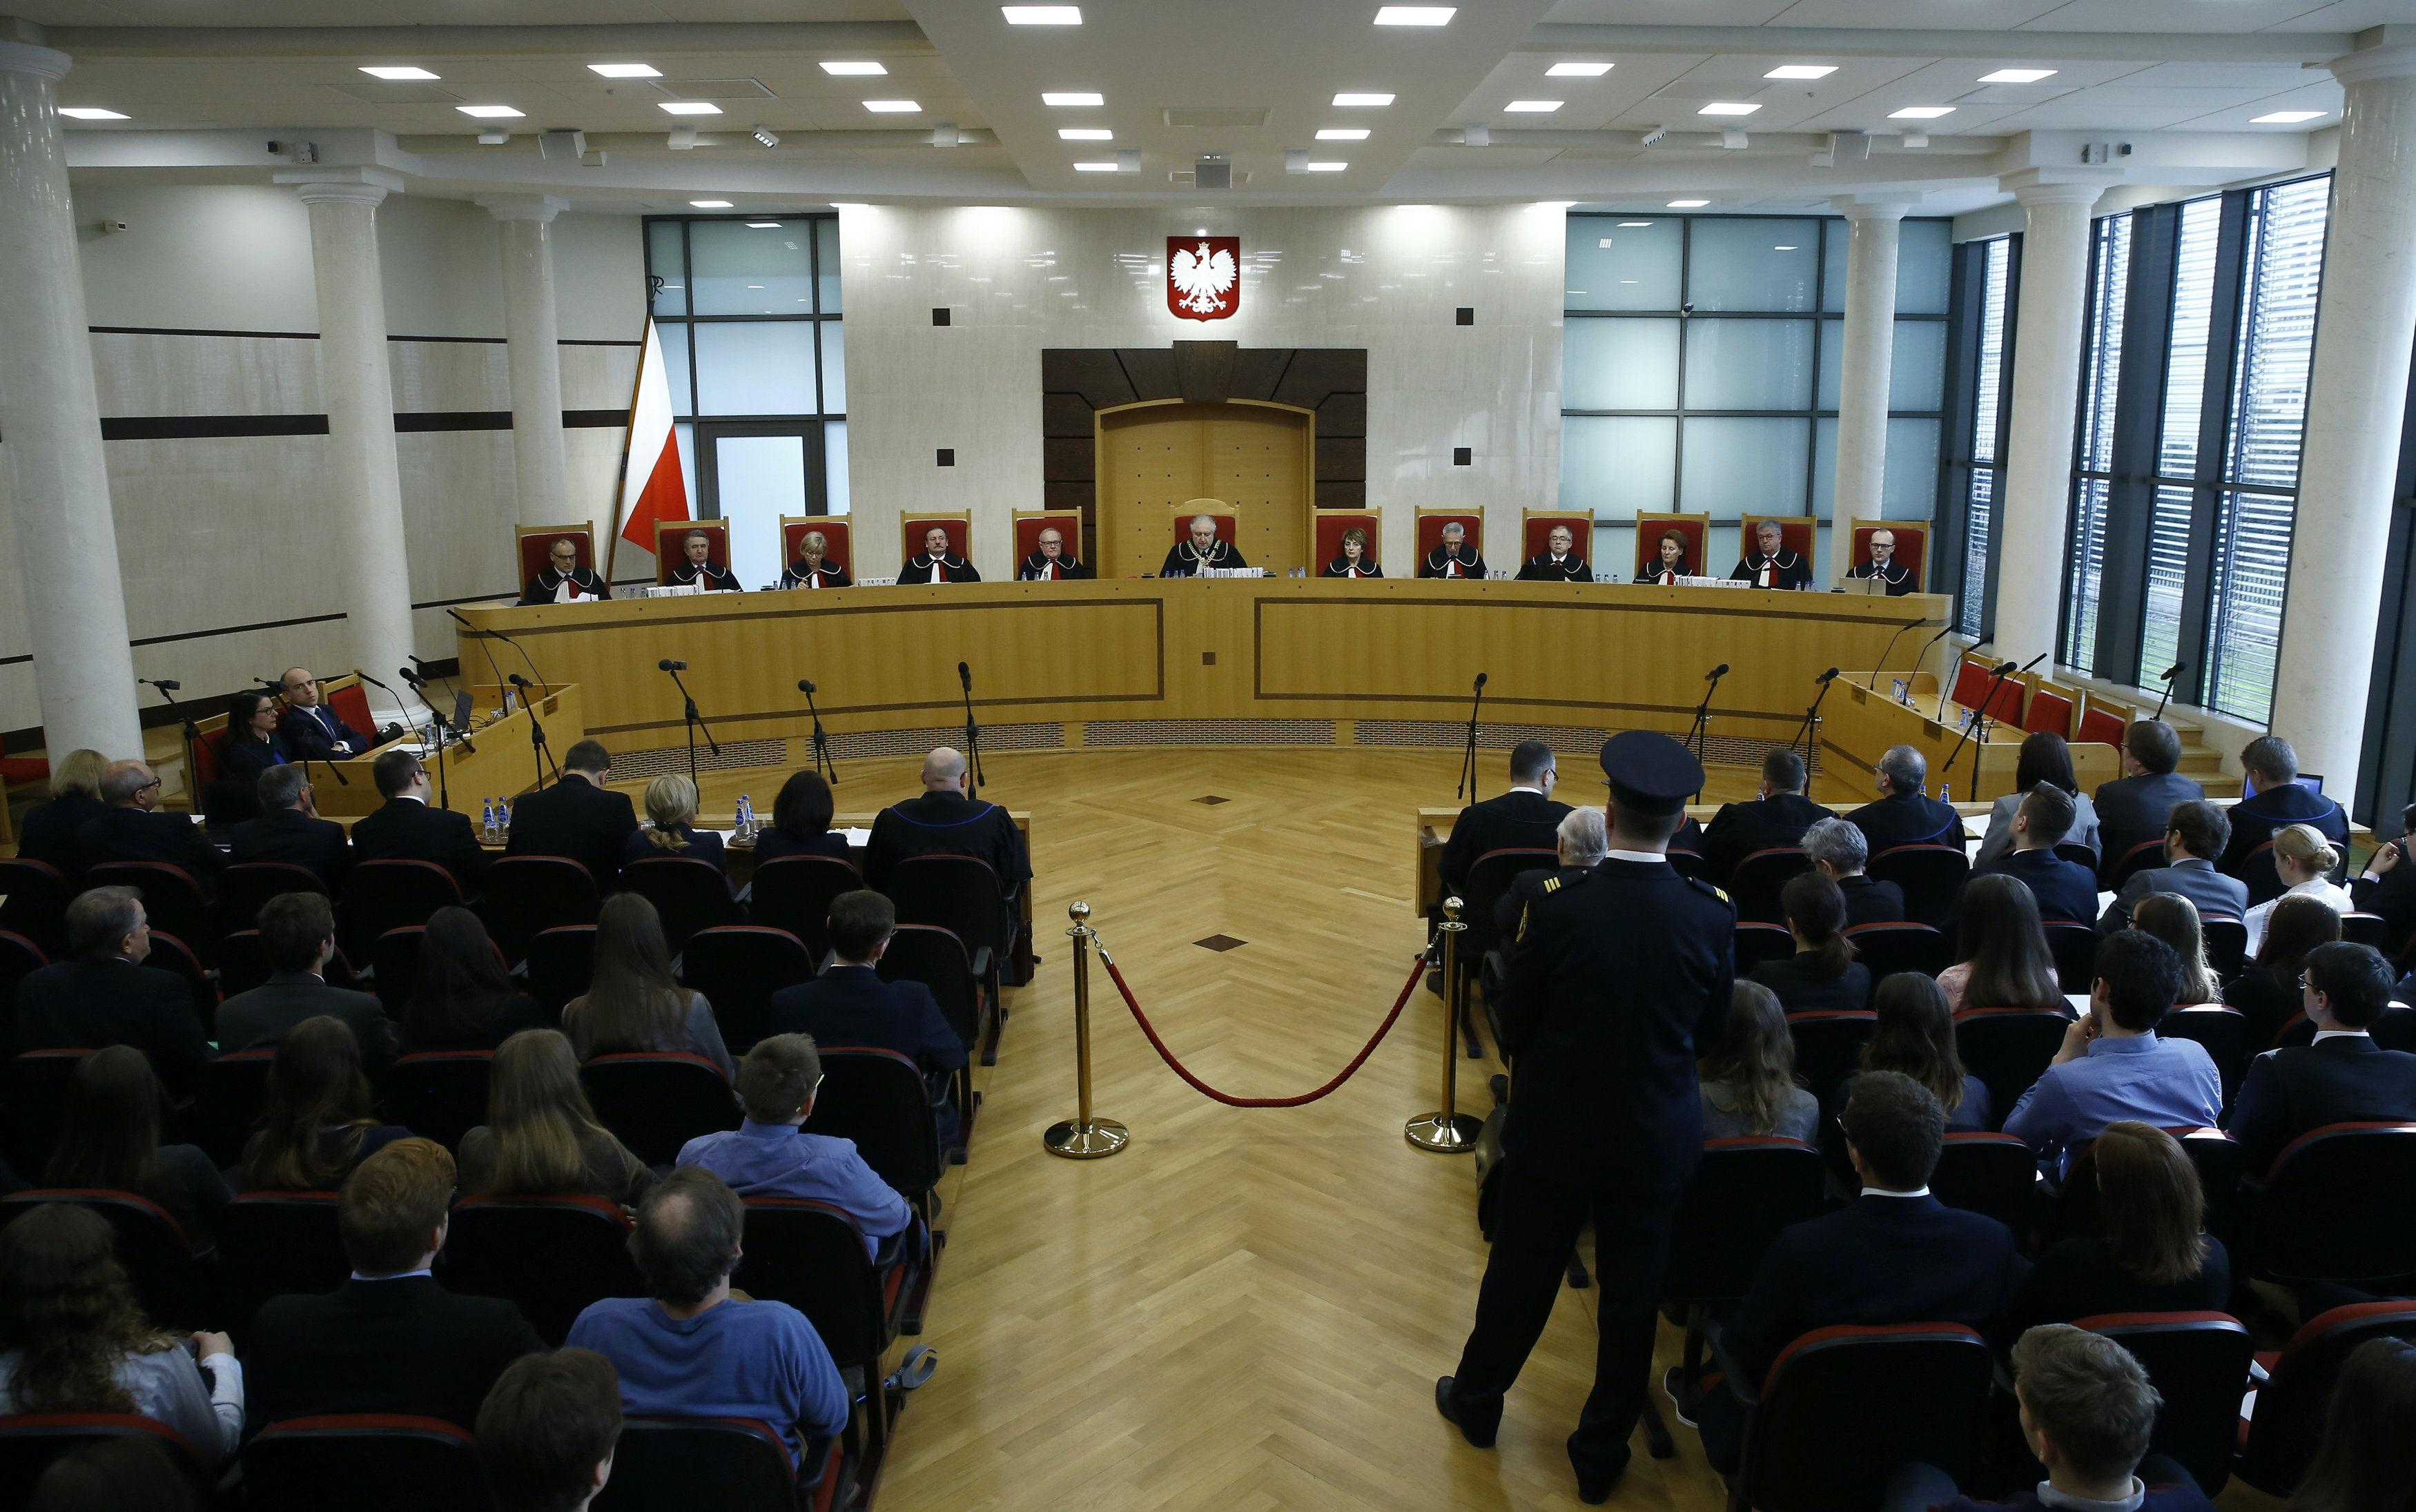 Vari giudici della Corte Costituzionale, qui sopra, hanno dissentito dall'opinione della maggioranza e sottolineato che alcuni dei loro colleghi sono stati nominati illegalmente.